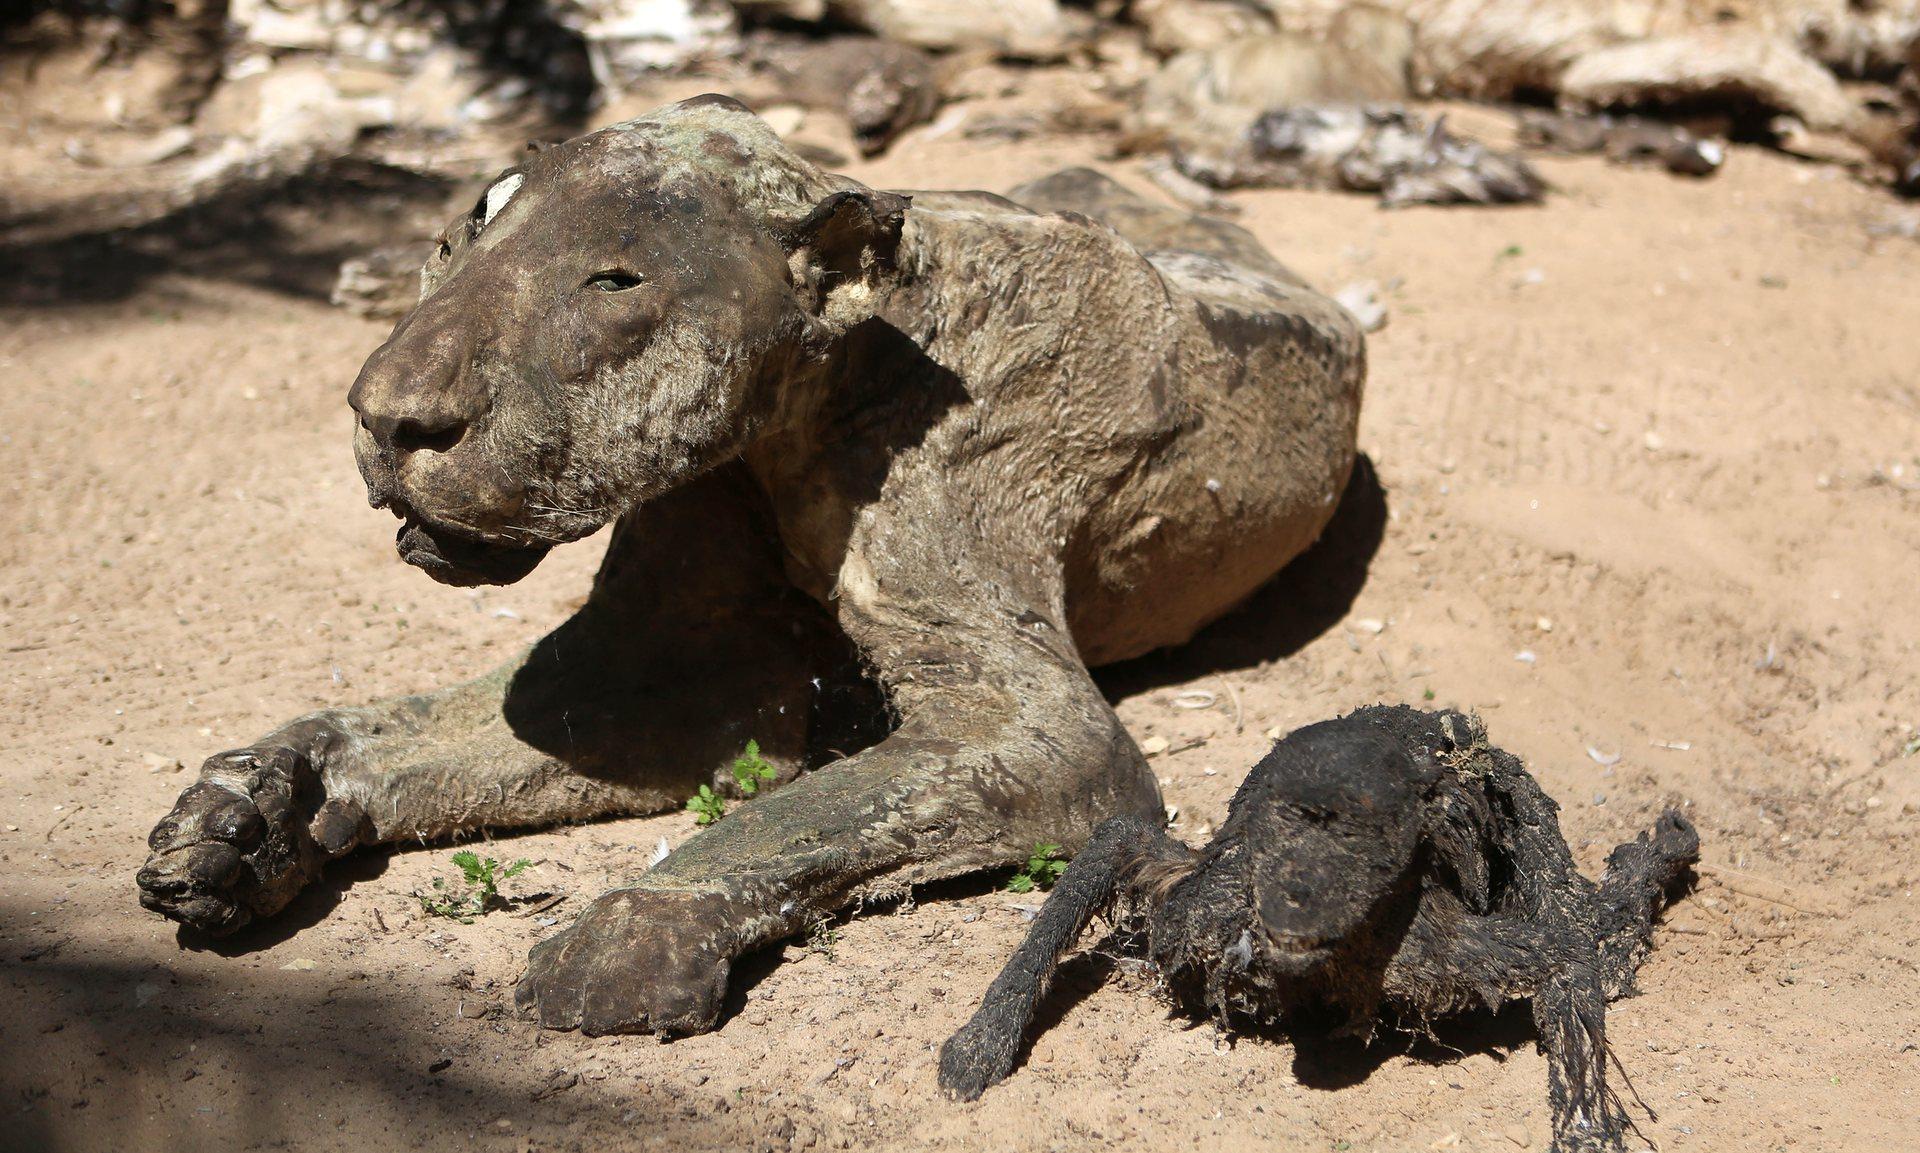 zoo-gaza-sauvetage-four-paws-12